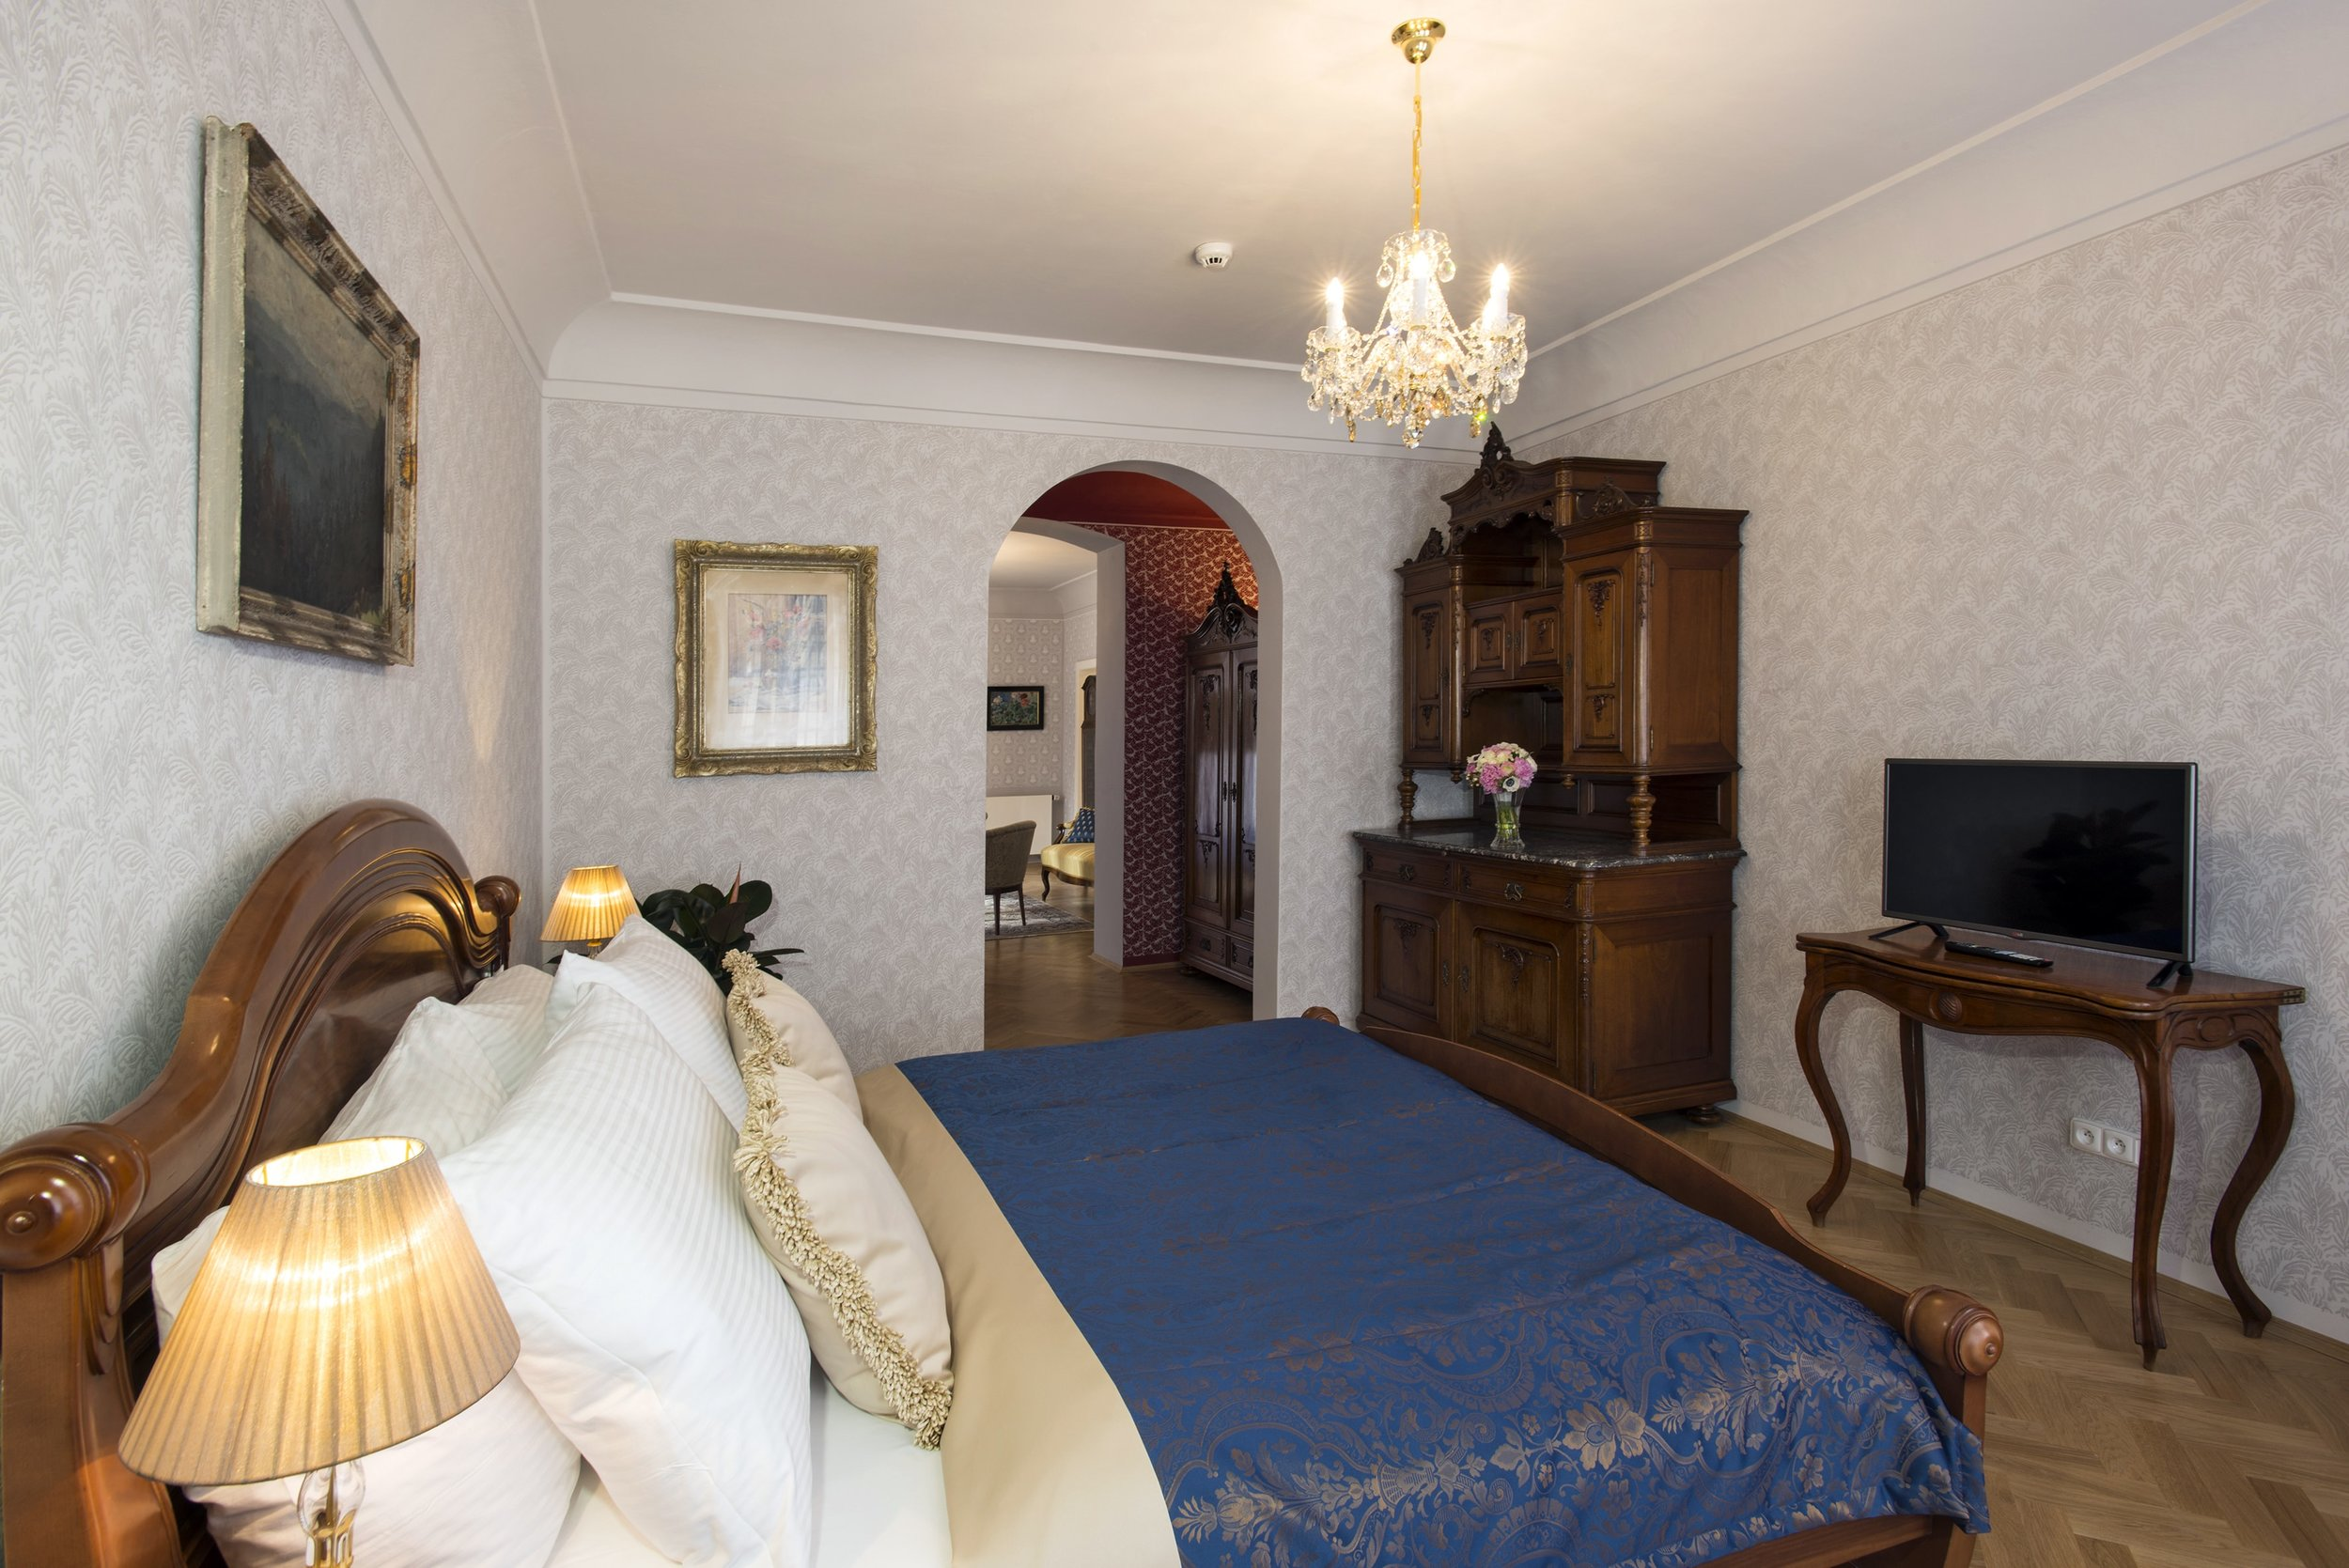 boutique-hotel-constans-wranovsky-crystal-chandelier-3.jpg